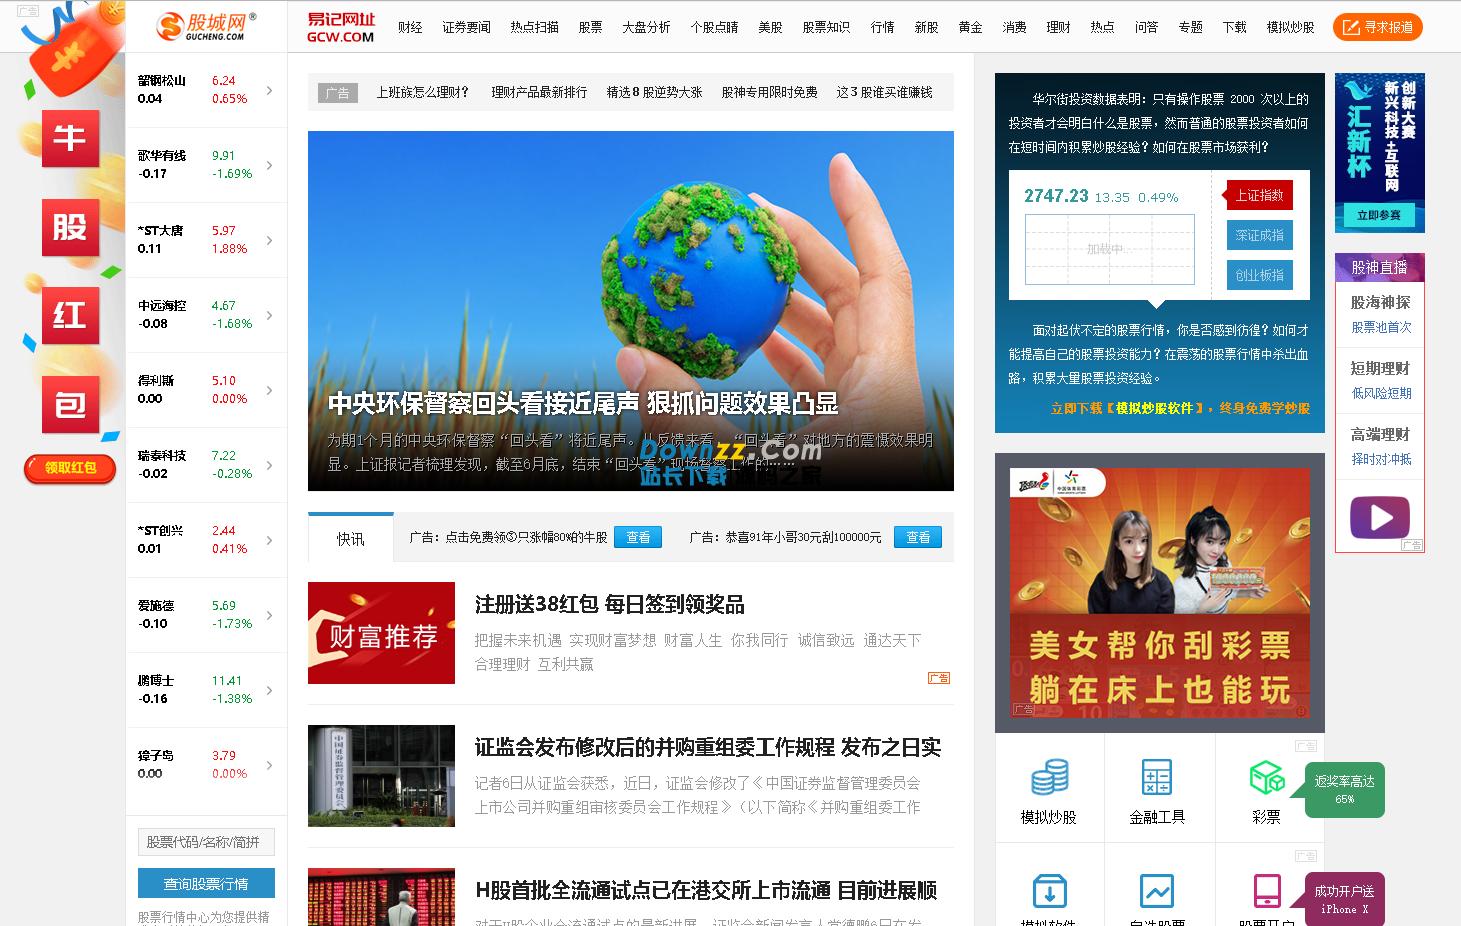 最新92kaifa仿《股城网》财经股票综合门户网站帝国cms内核源码